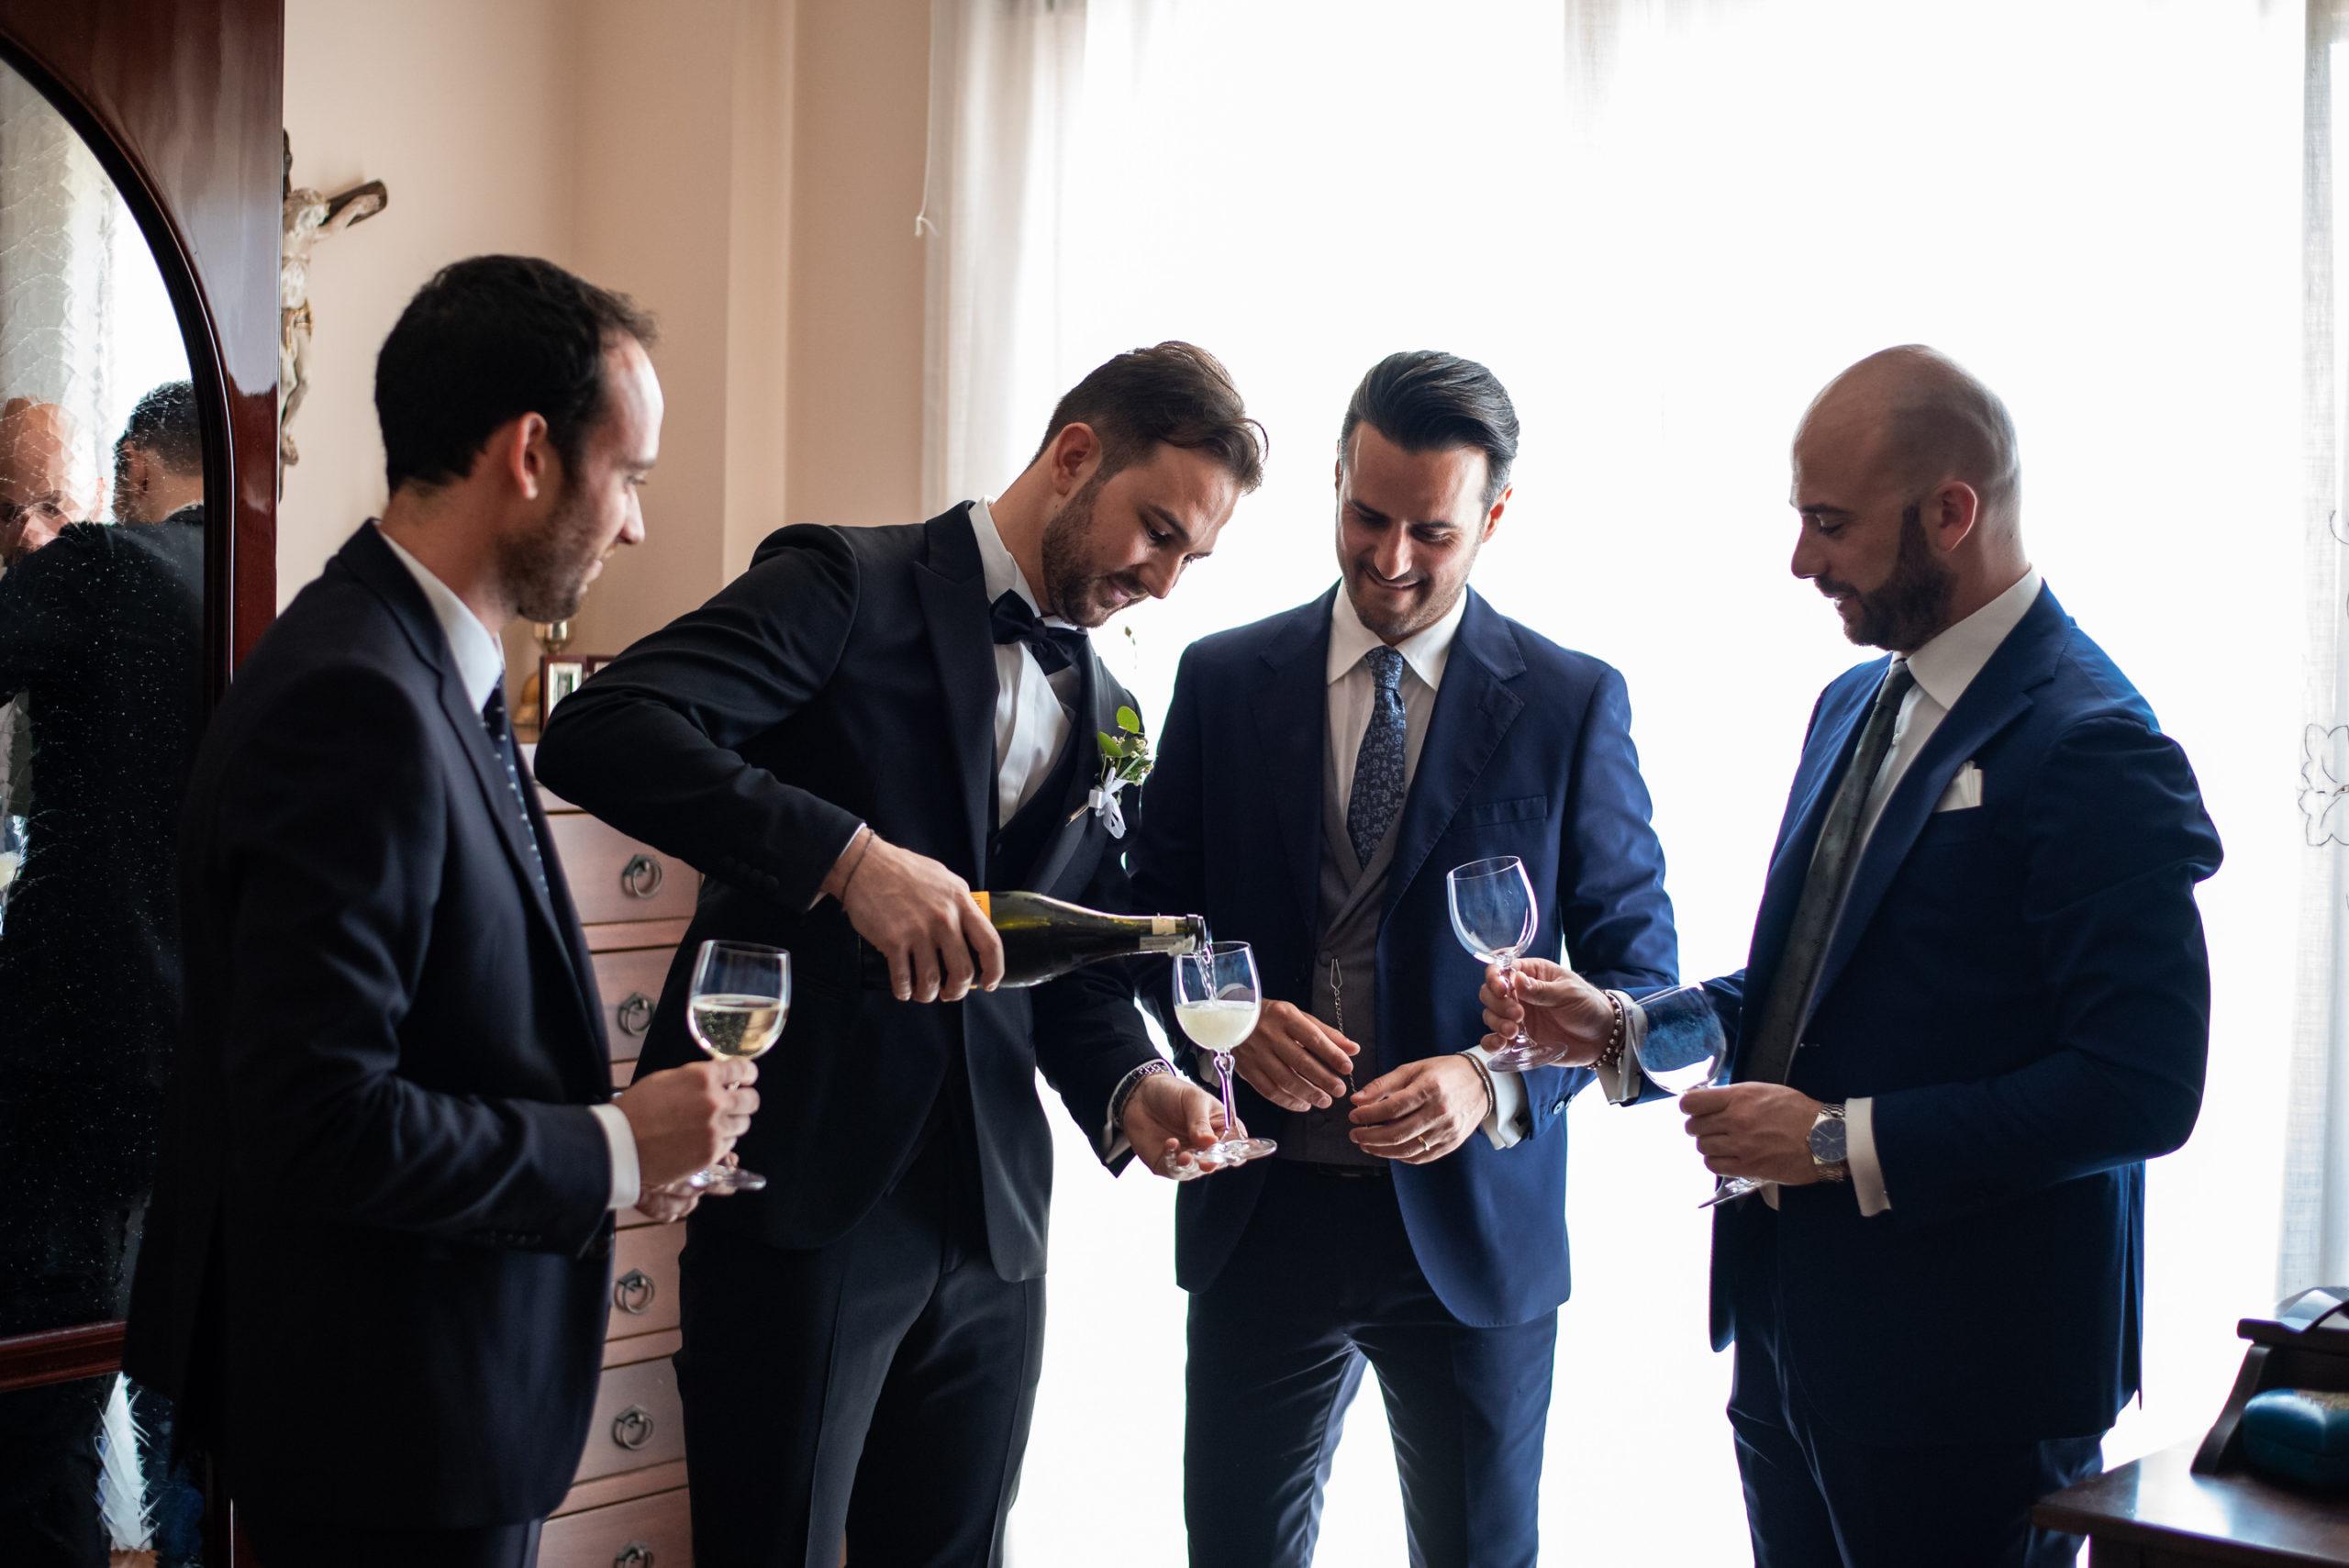 Groom Cheering With Best Men